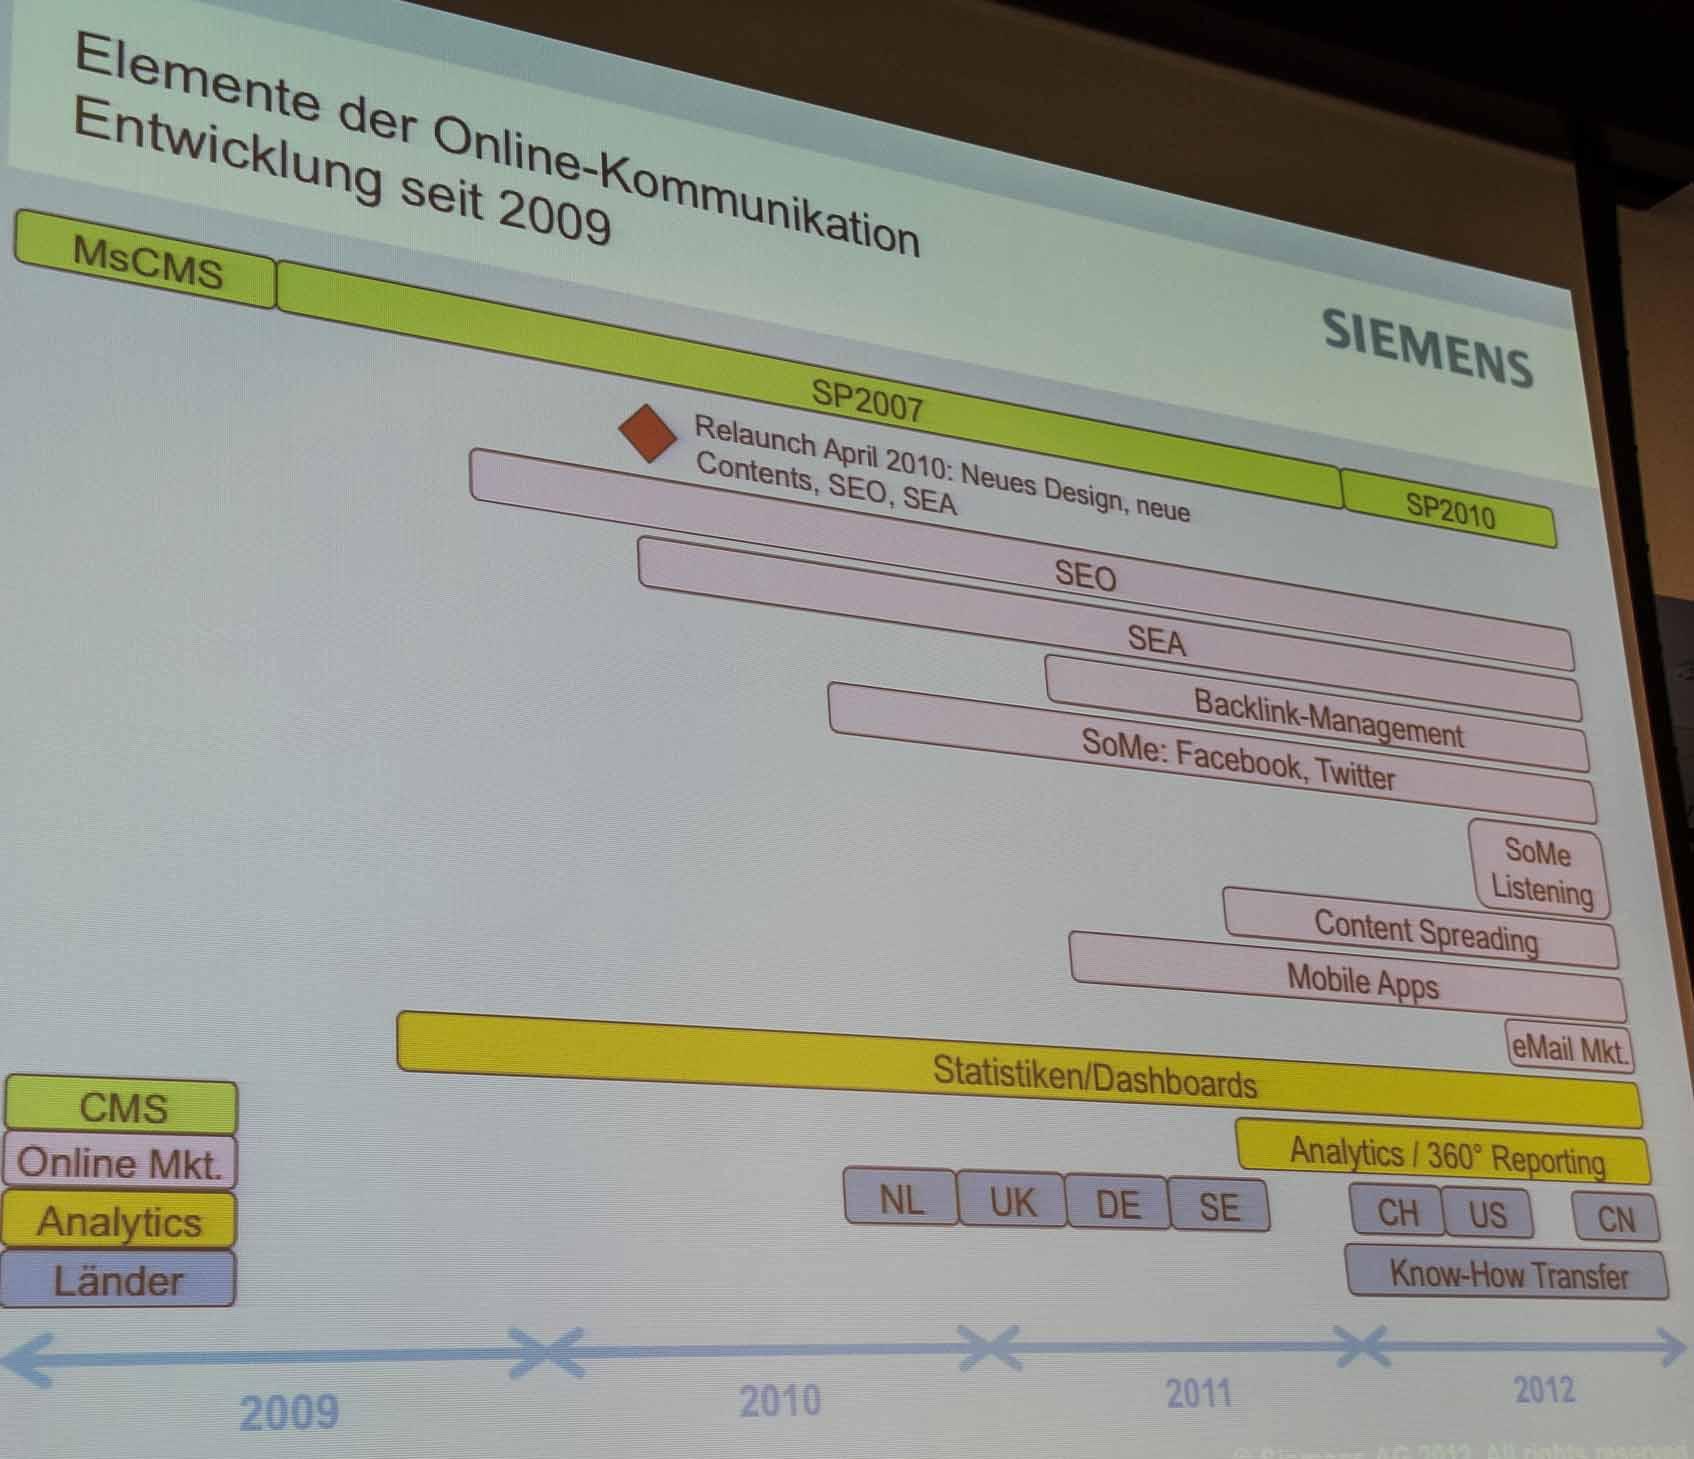 Siemens-Online-Kommunikation-Bausteine